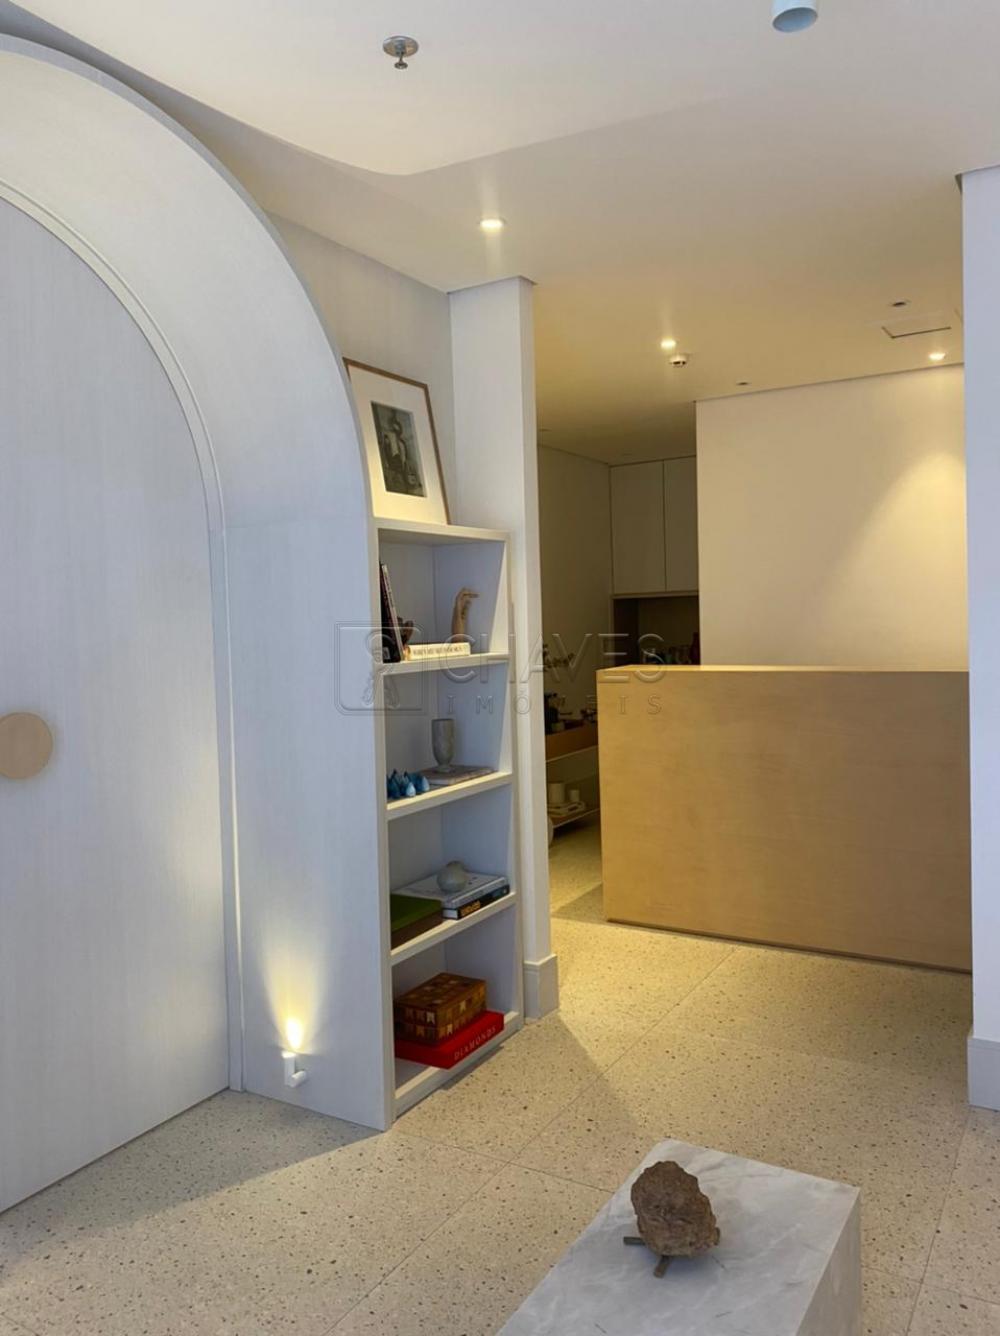 Comprar Comercial / Sala em Condomínio em Ribeirão Preto apenas R$ 640.000,00 - Foto 5